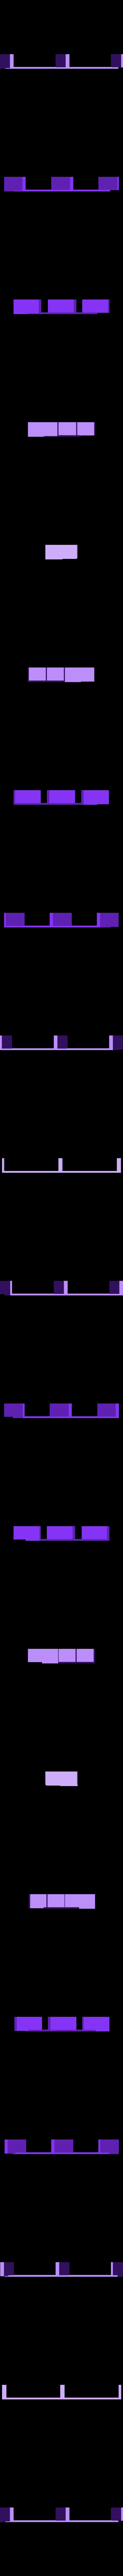 lower_right1b.stl Télécharger fichier STL gratuit Un peu de Venise sur le côté Warhammer 40k! • Plan pour imprimante 3D, Earsling